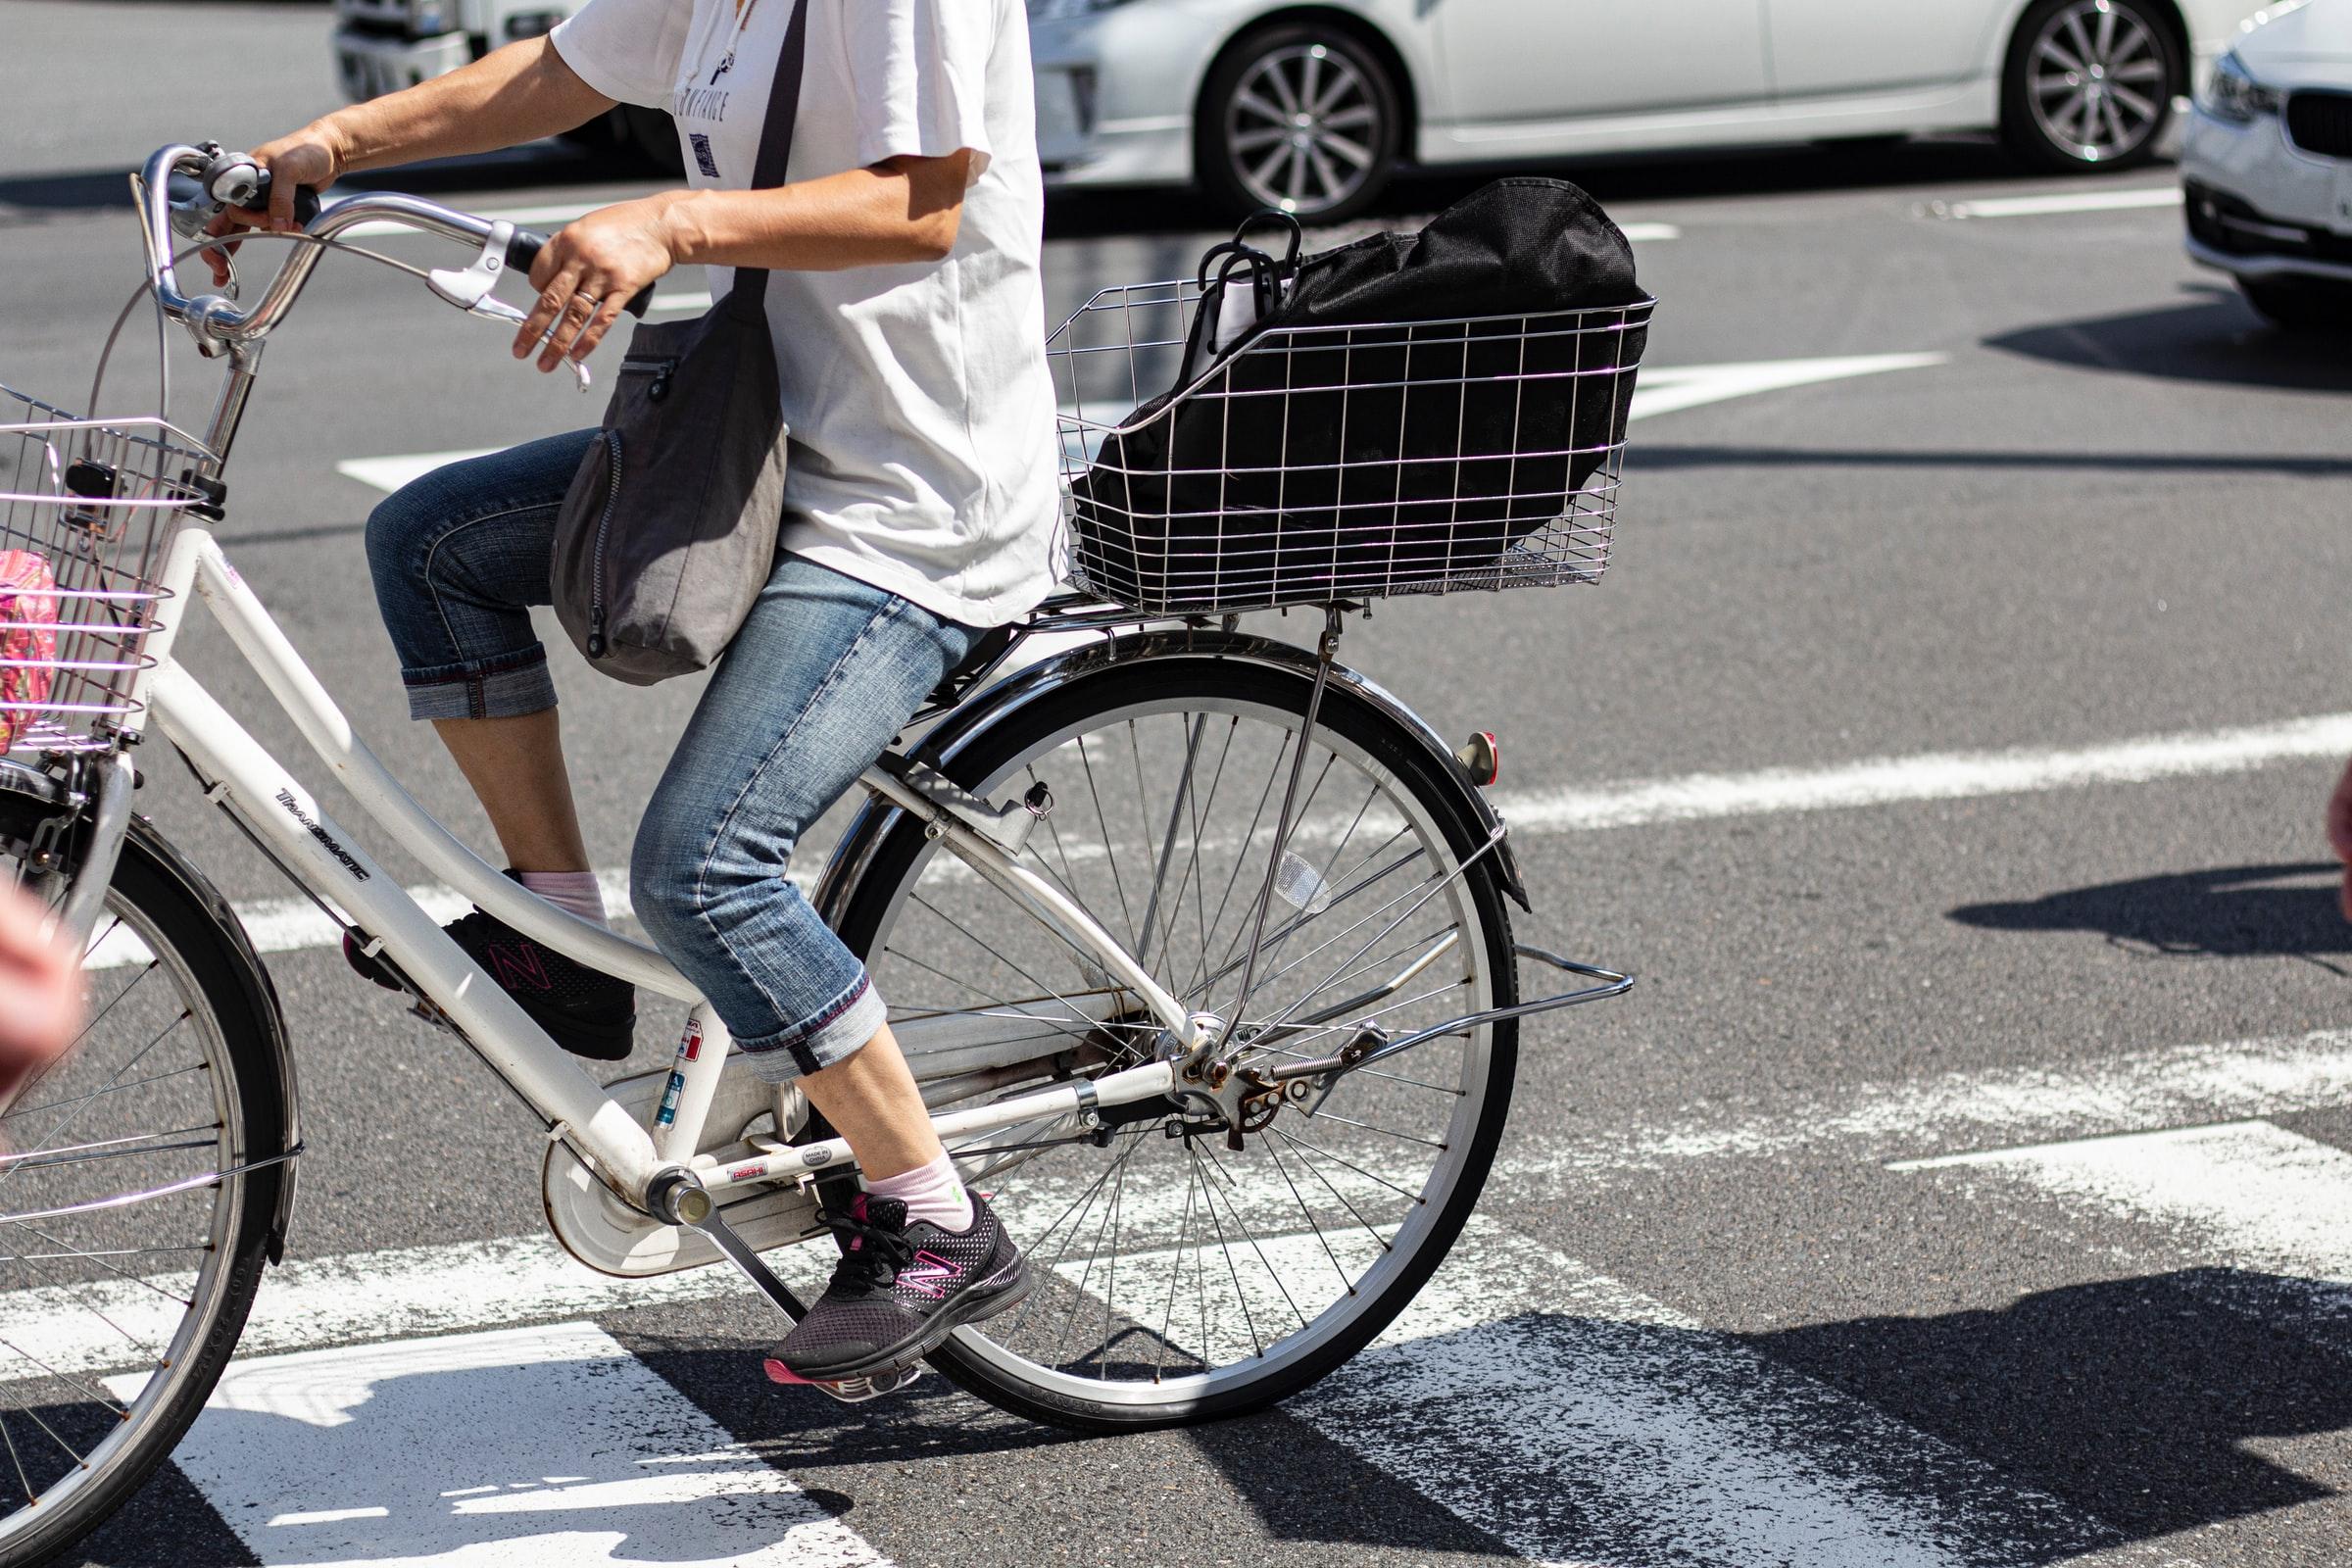 Kierowco, uważaj na rowerzystów!